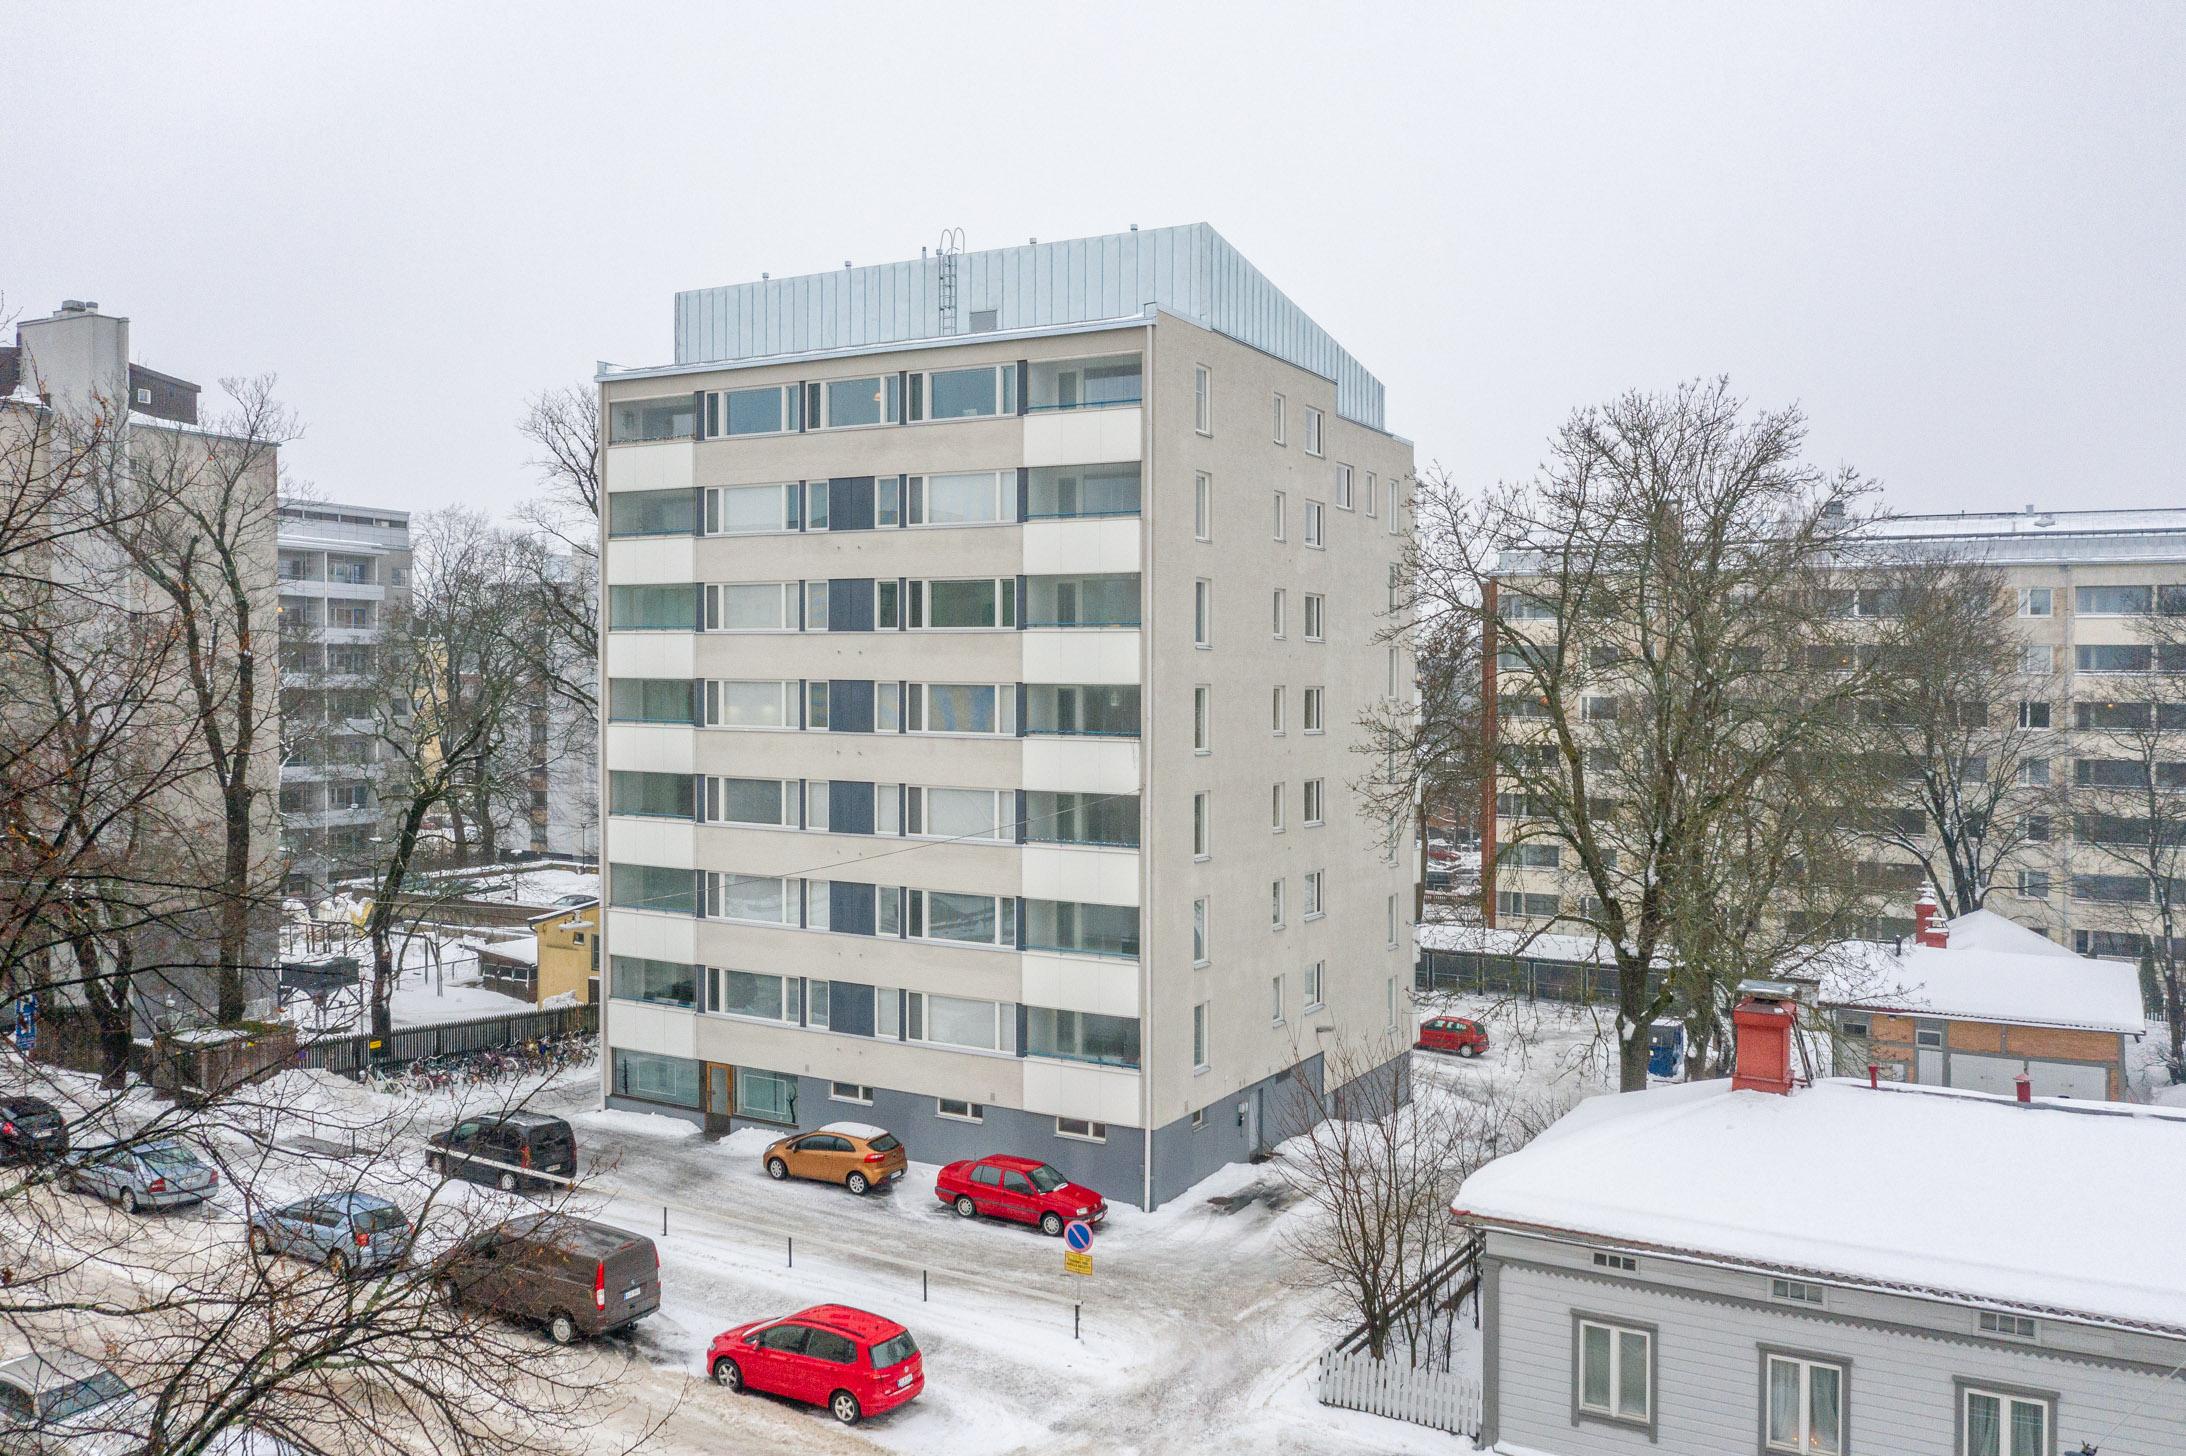 Sirkkalankatu 25 b, 20700 Turku: 45